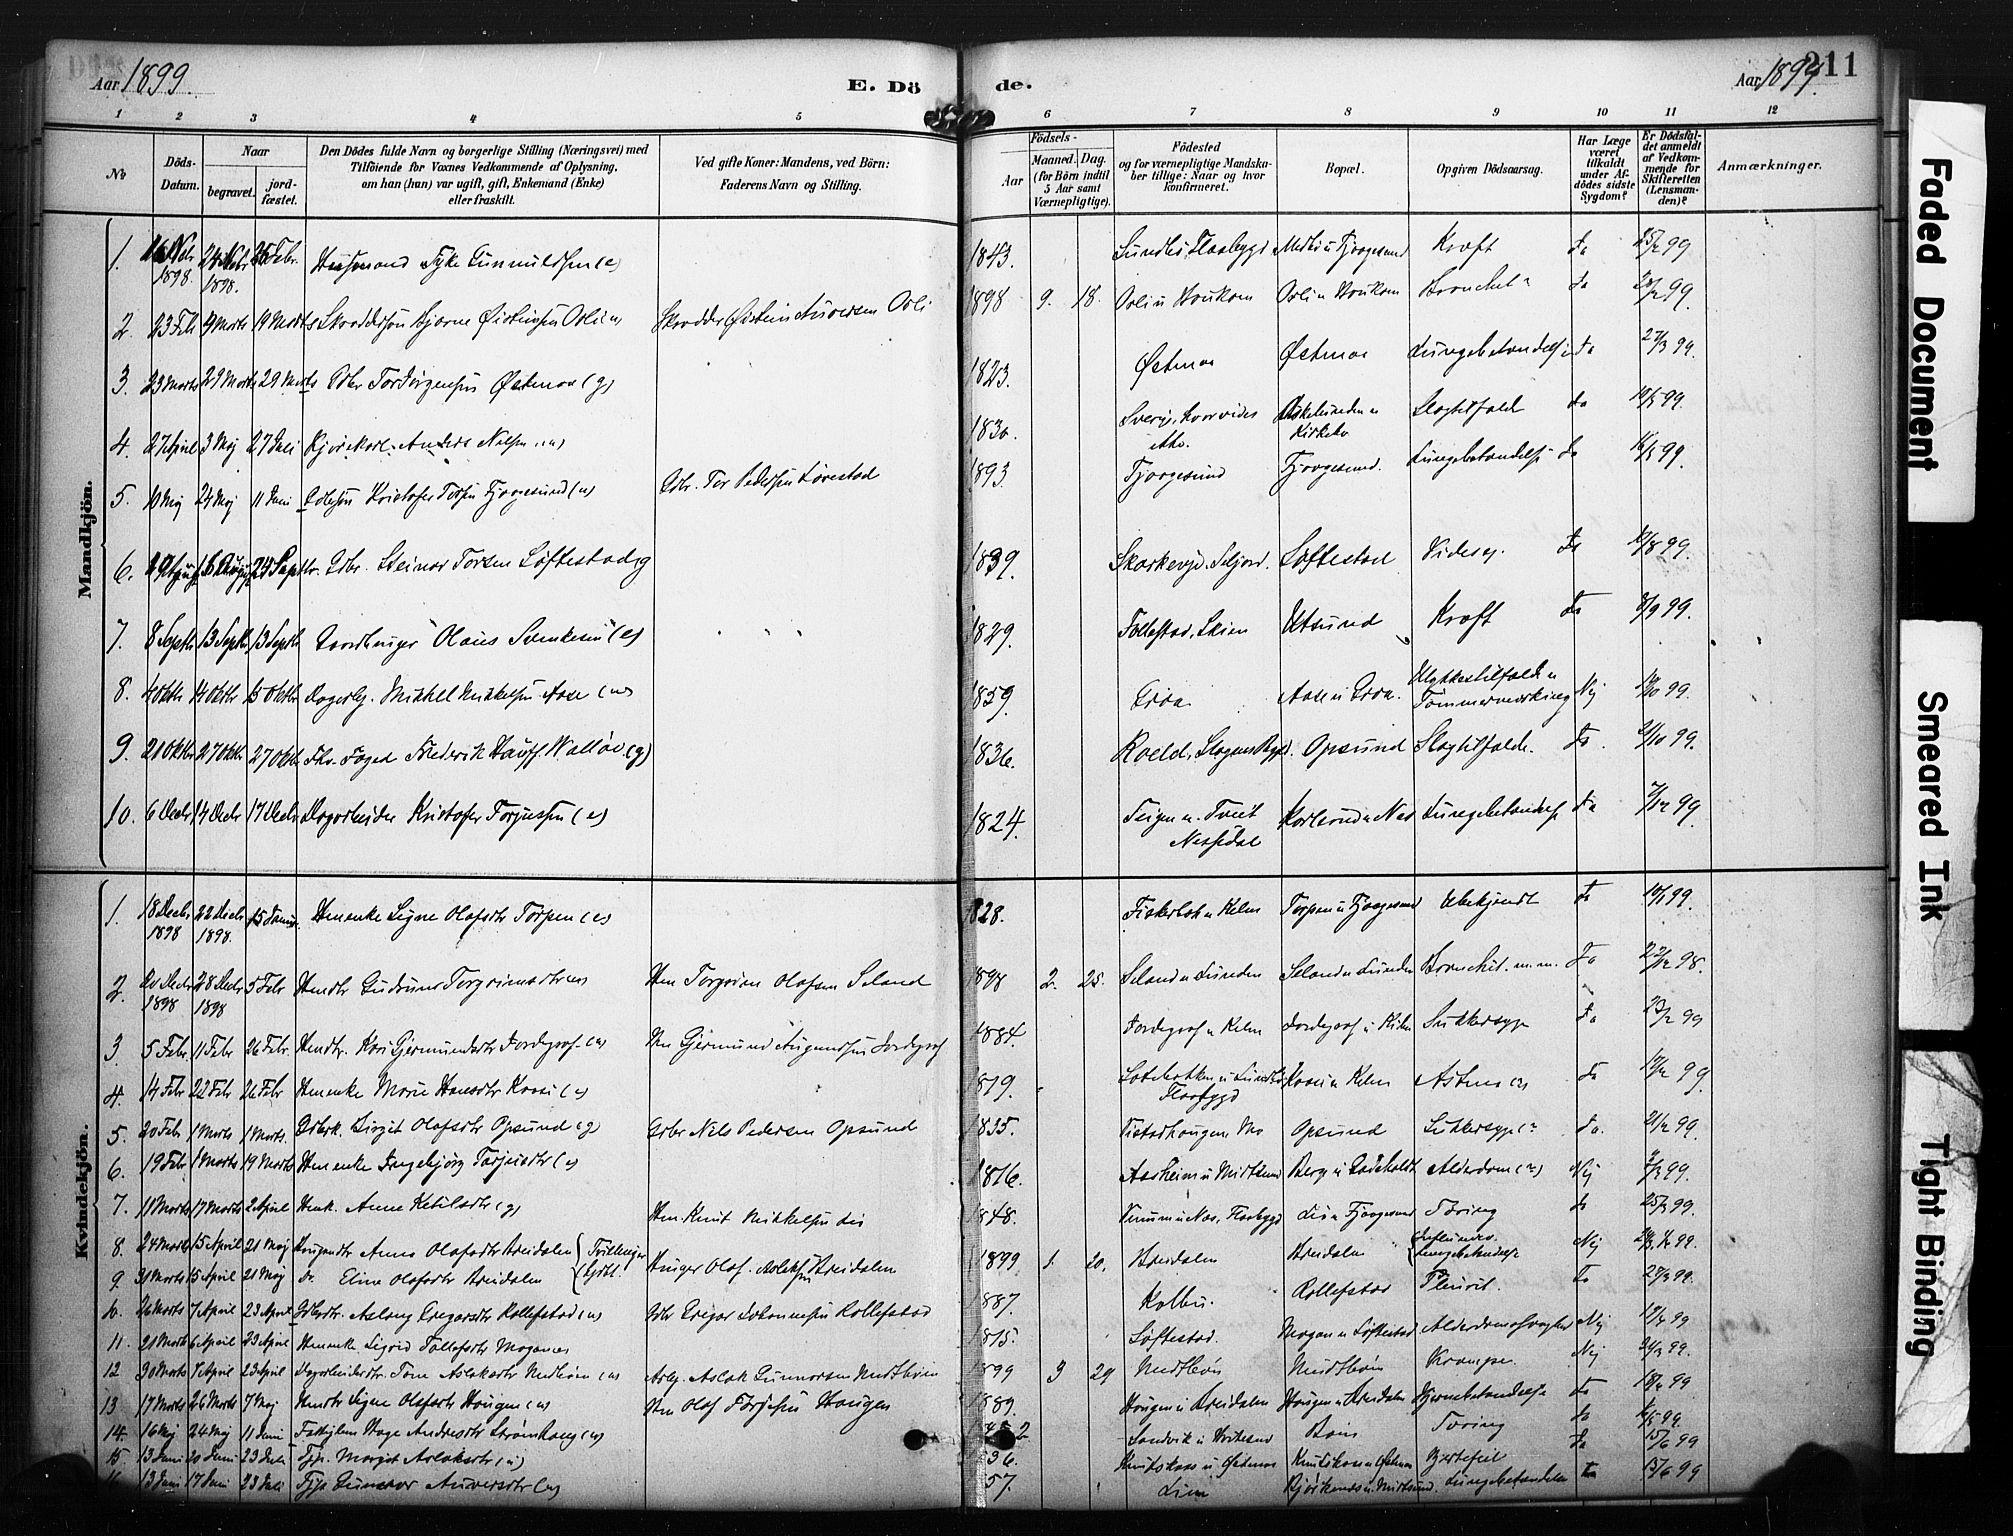 SAKO, Kviteseid kirkebøker, F/Fa/L0008: Ministerialbok nr. I 8, 1882-1903, s. 211